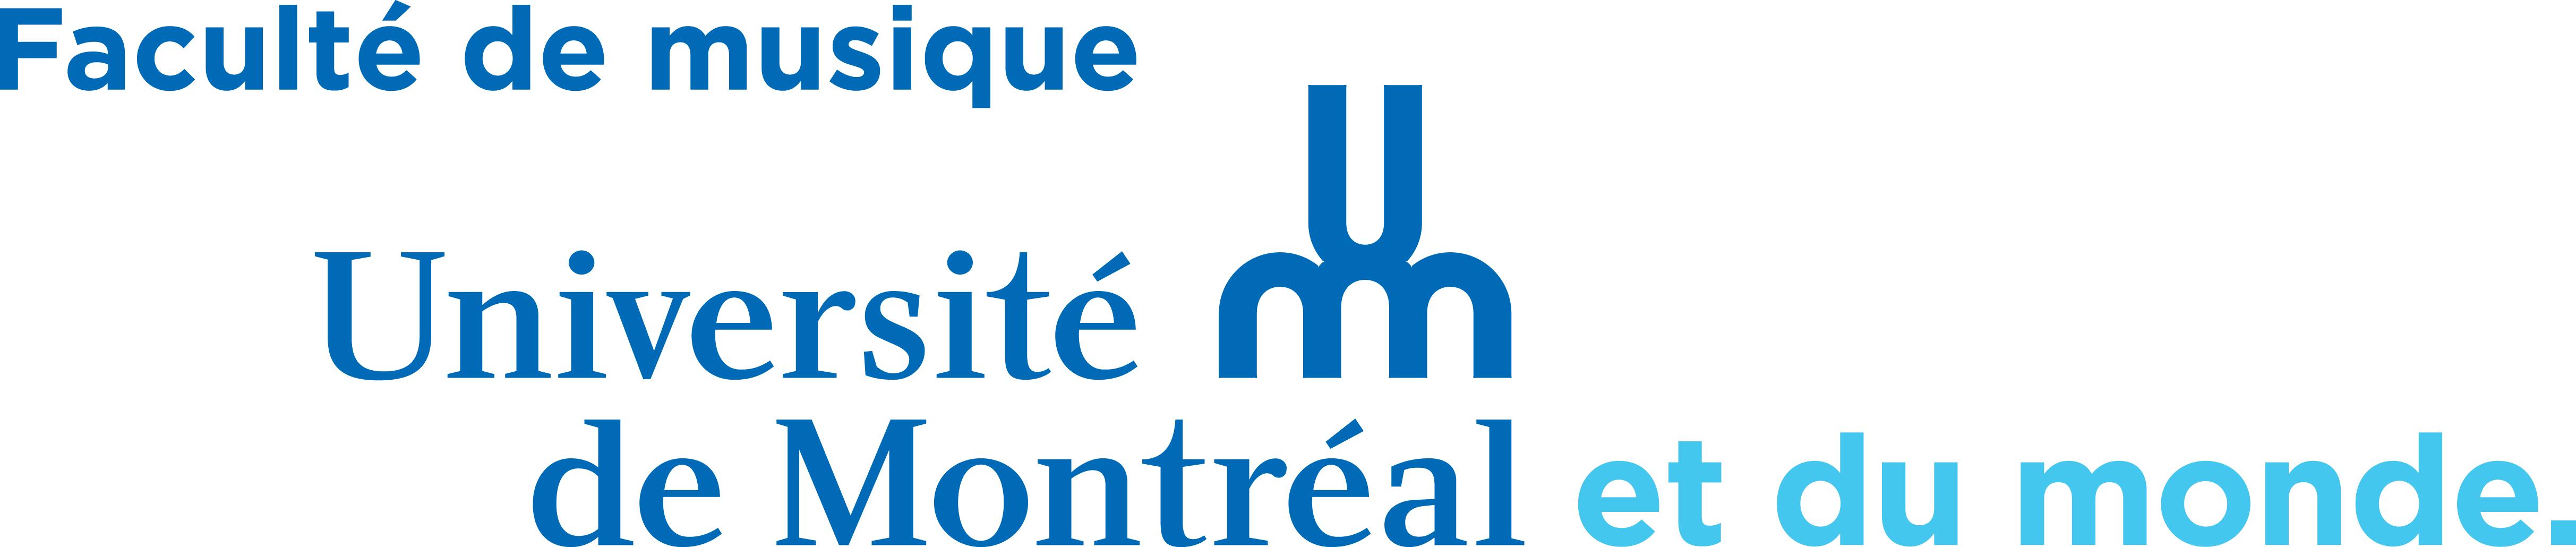 Logo Faculté de Musique Montréal